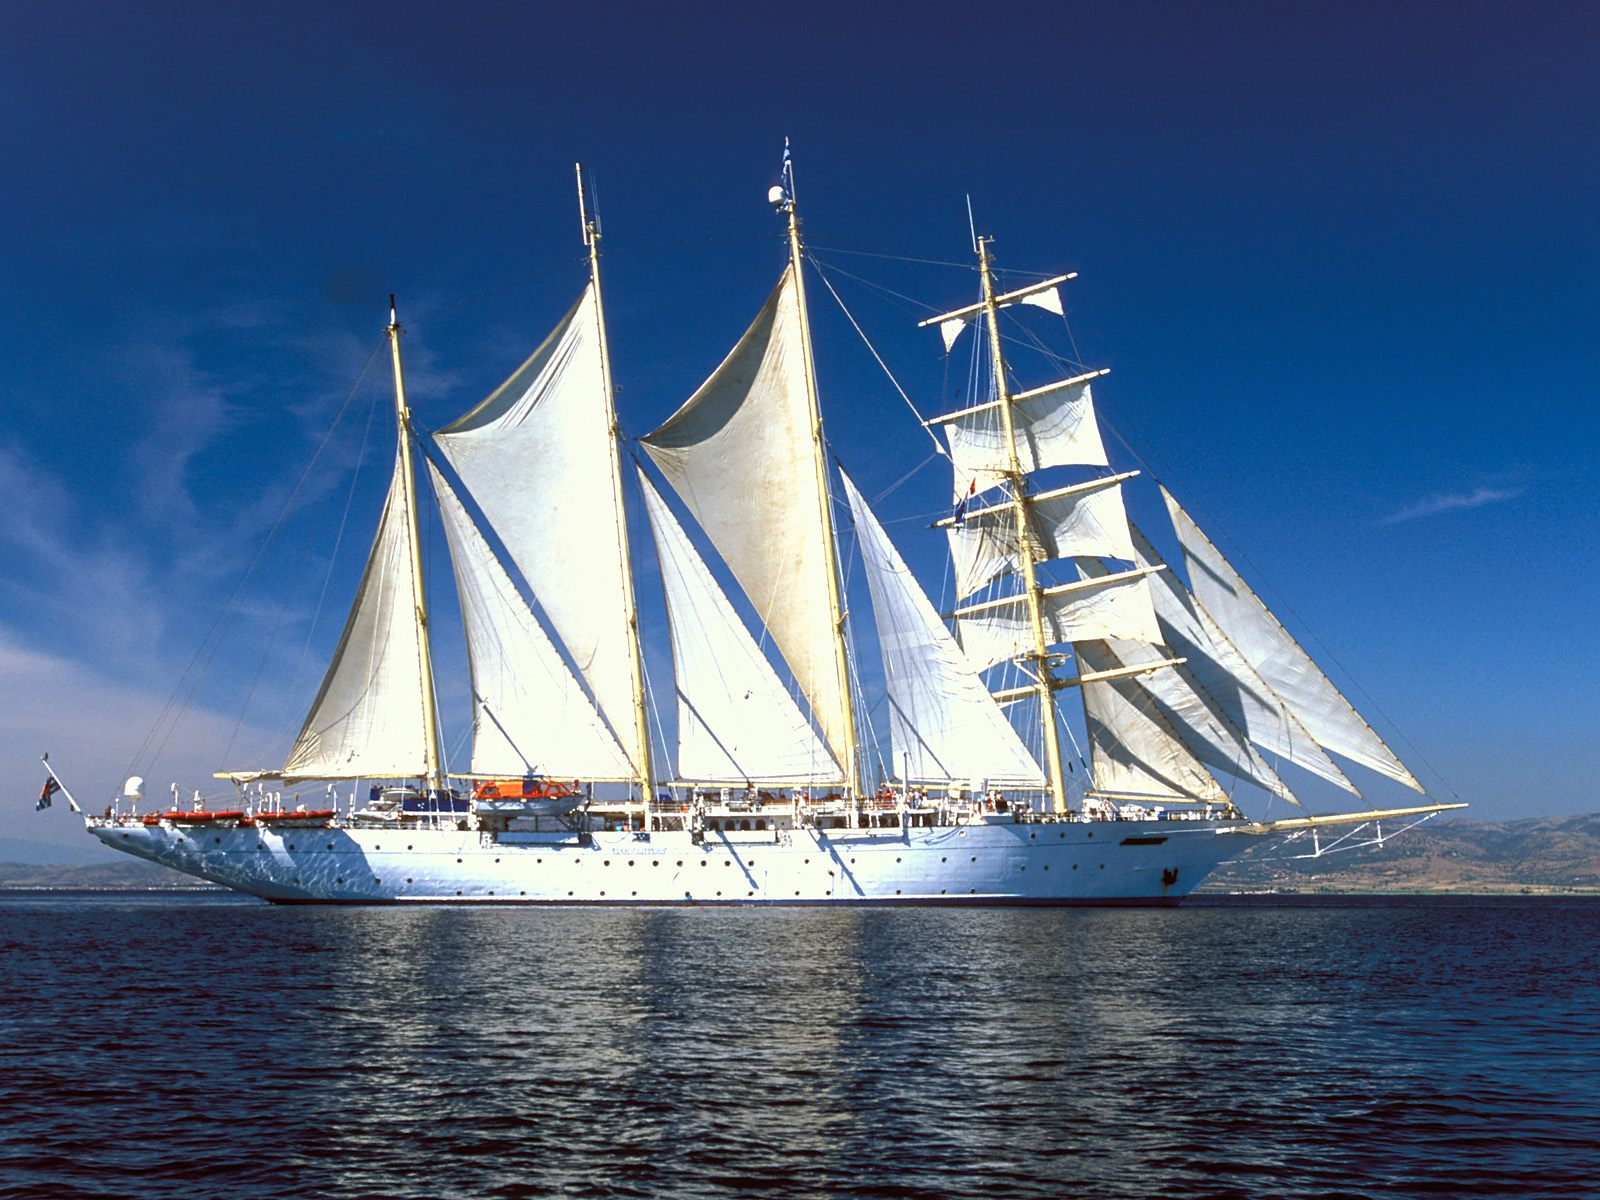 壁纸1600×1200土耳其 爱琴海上的游船壁纸壁纸 文化之旅地理人文景观一壁纸图片人文壁纸人文图片素材桌面壁纸